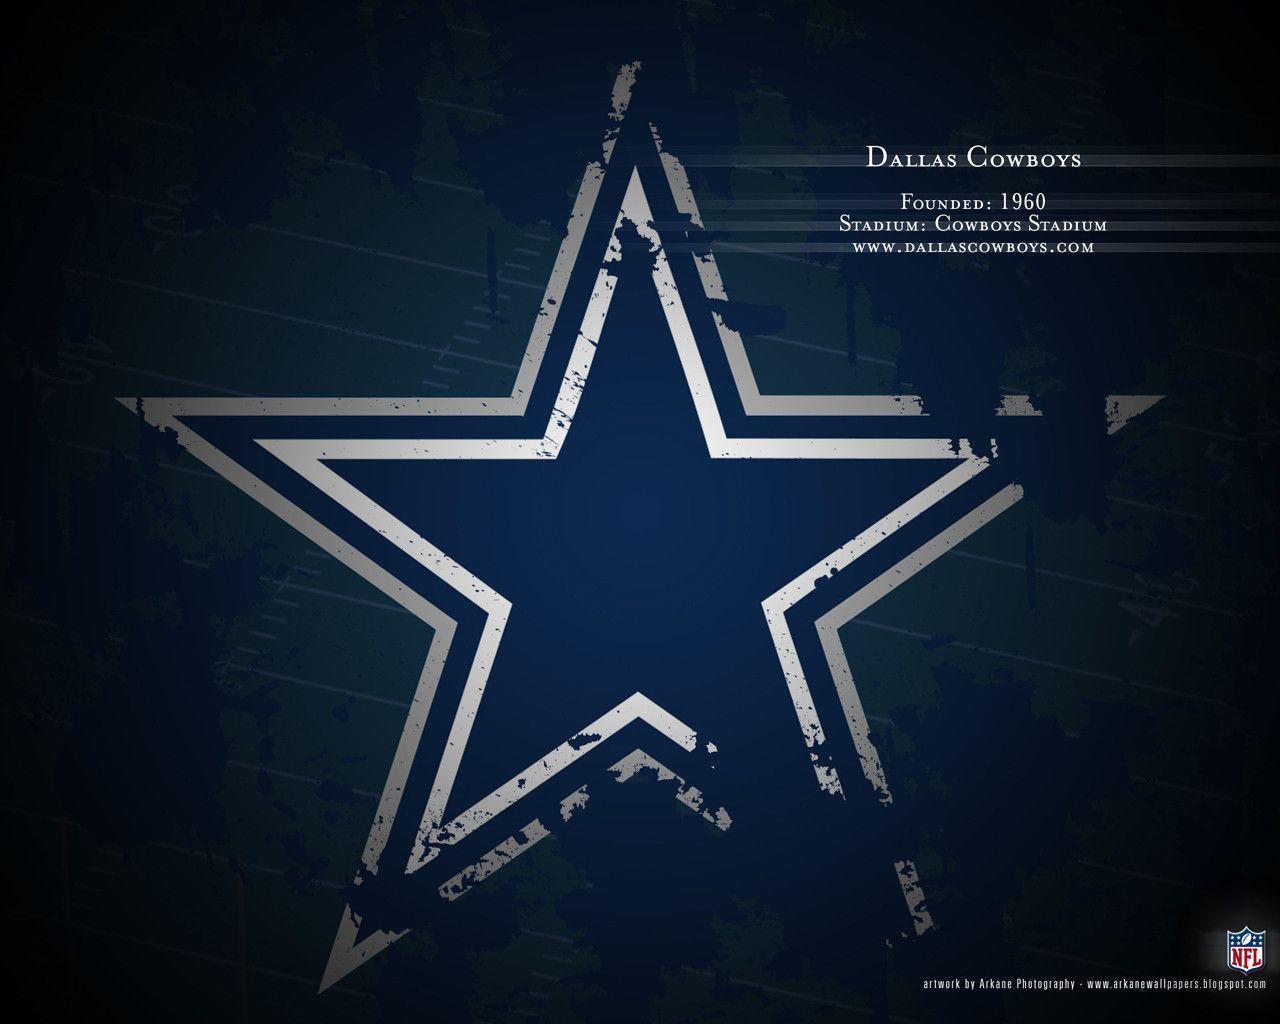 Dallas Cowboys Backgrounds For Desktop 1280x1024